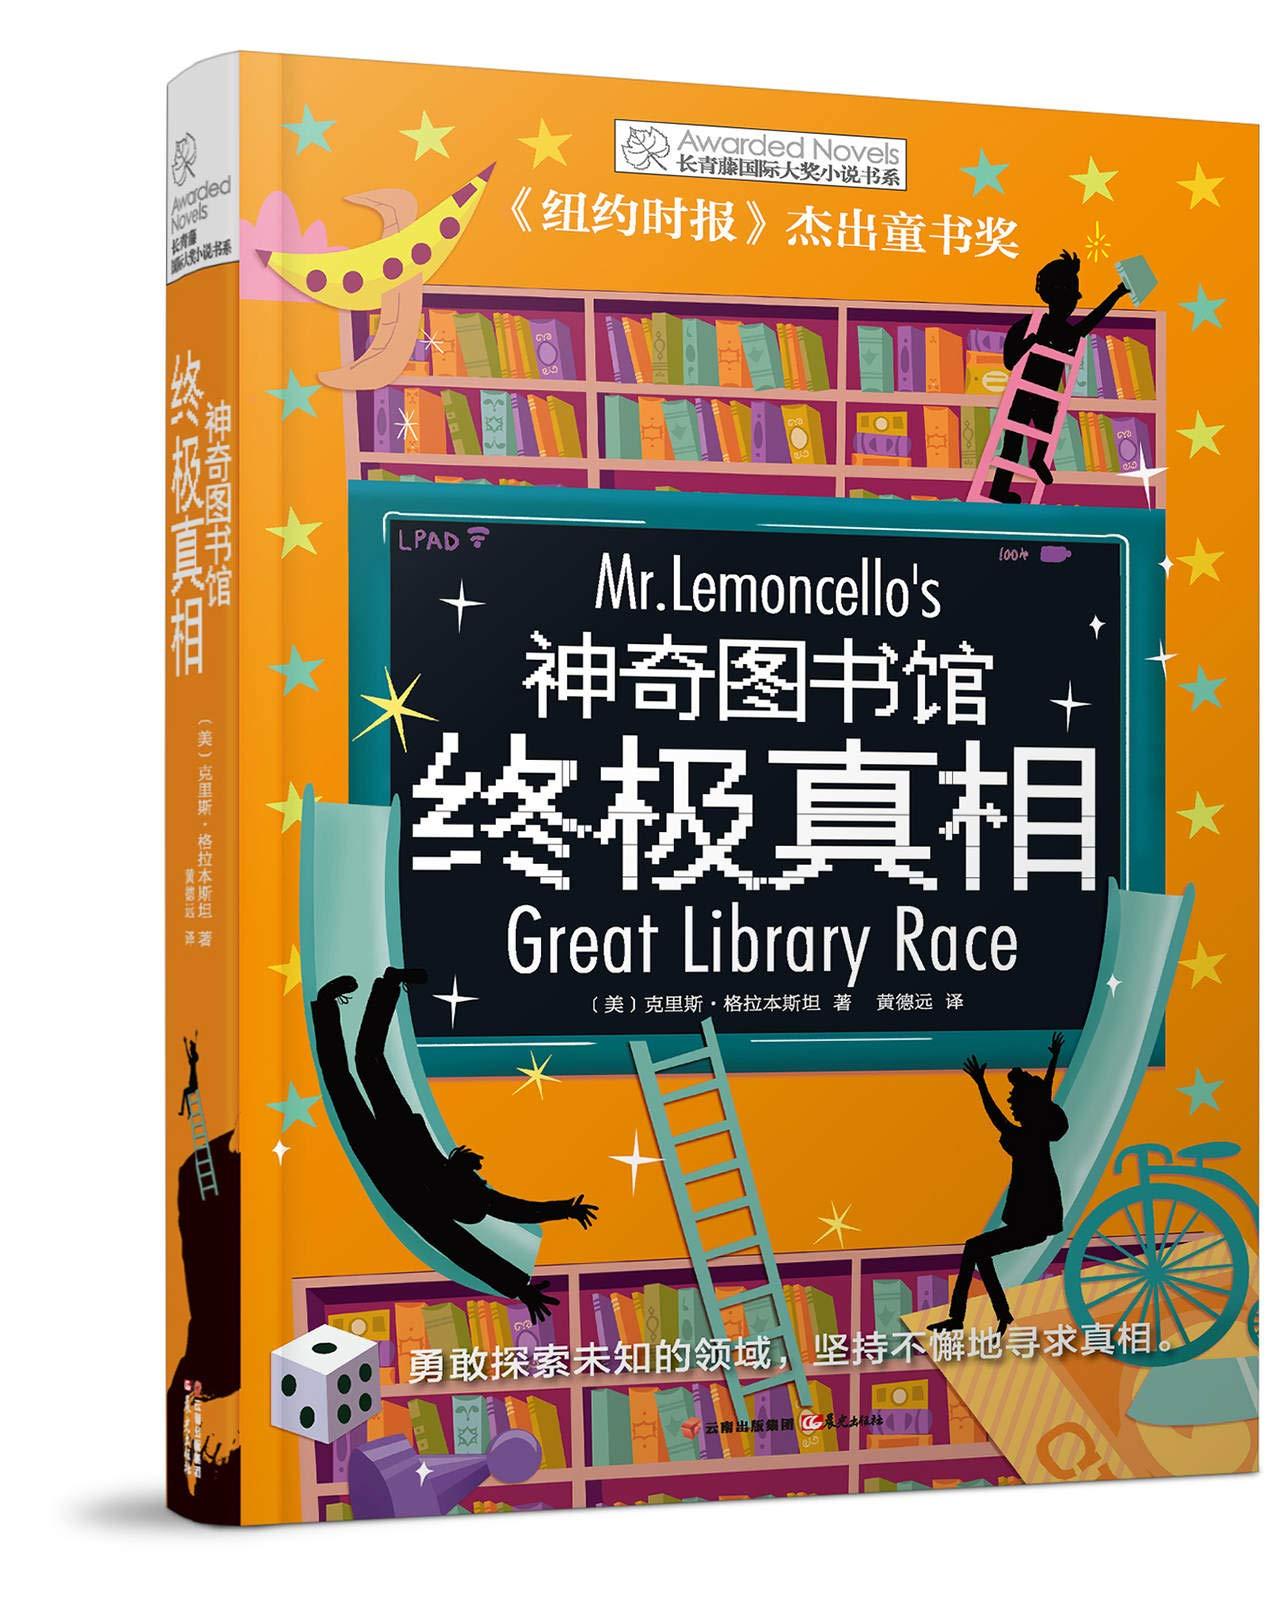 长青藤国际大奖小说书系:神奇图书馆 终极真相